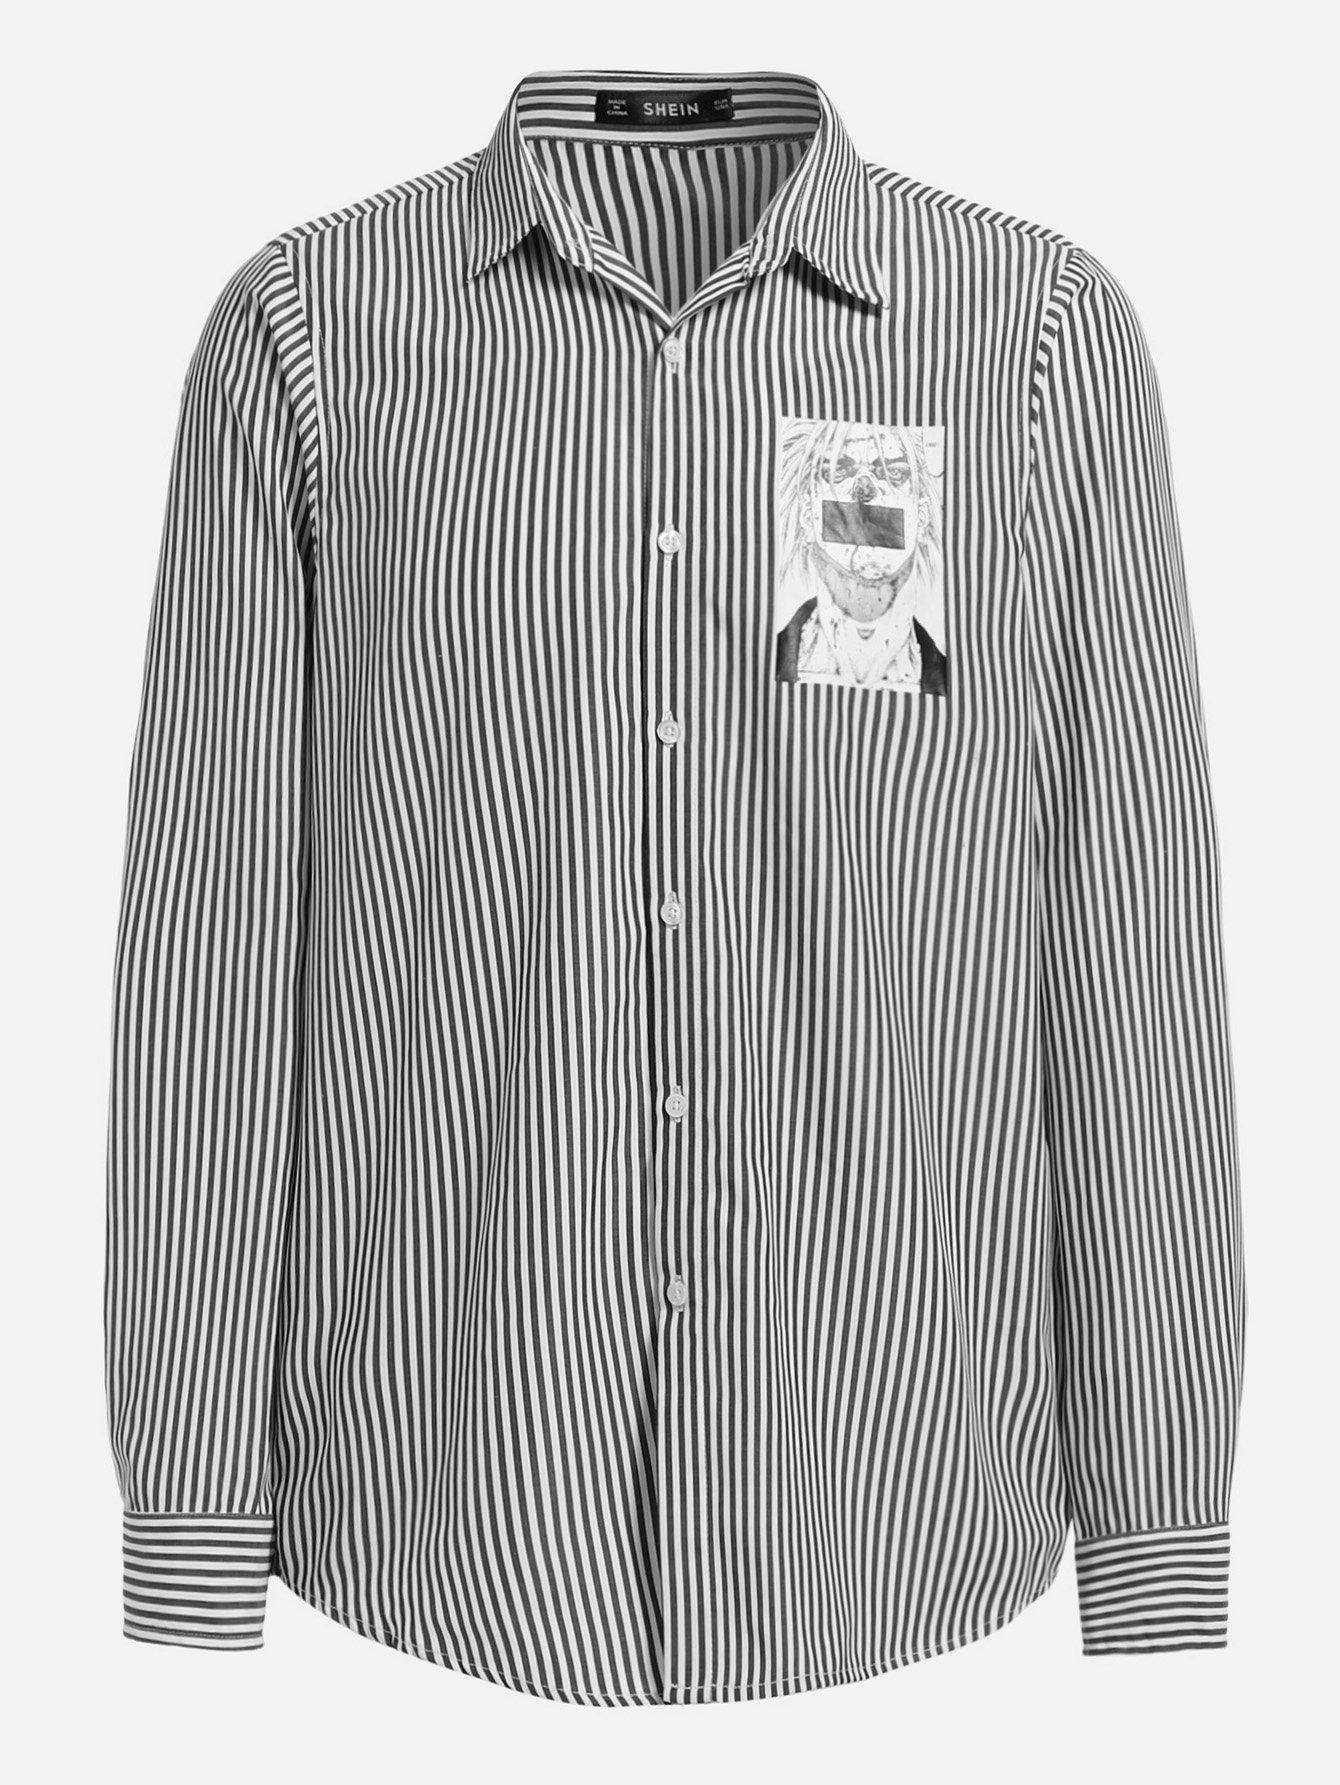 Фото - Мужская рубашка в полоску от SheIn цвет чёрнобелые